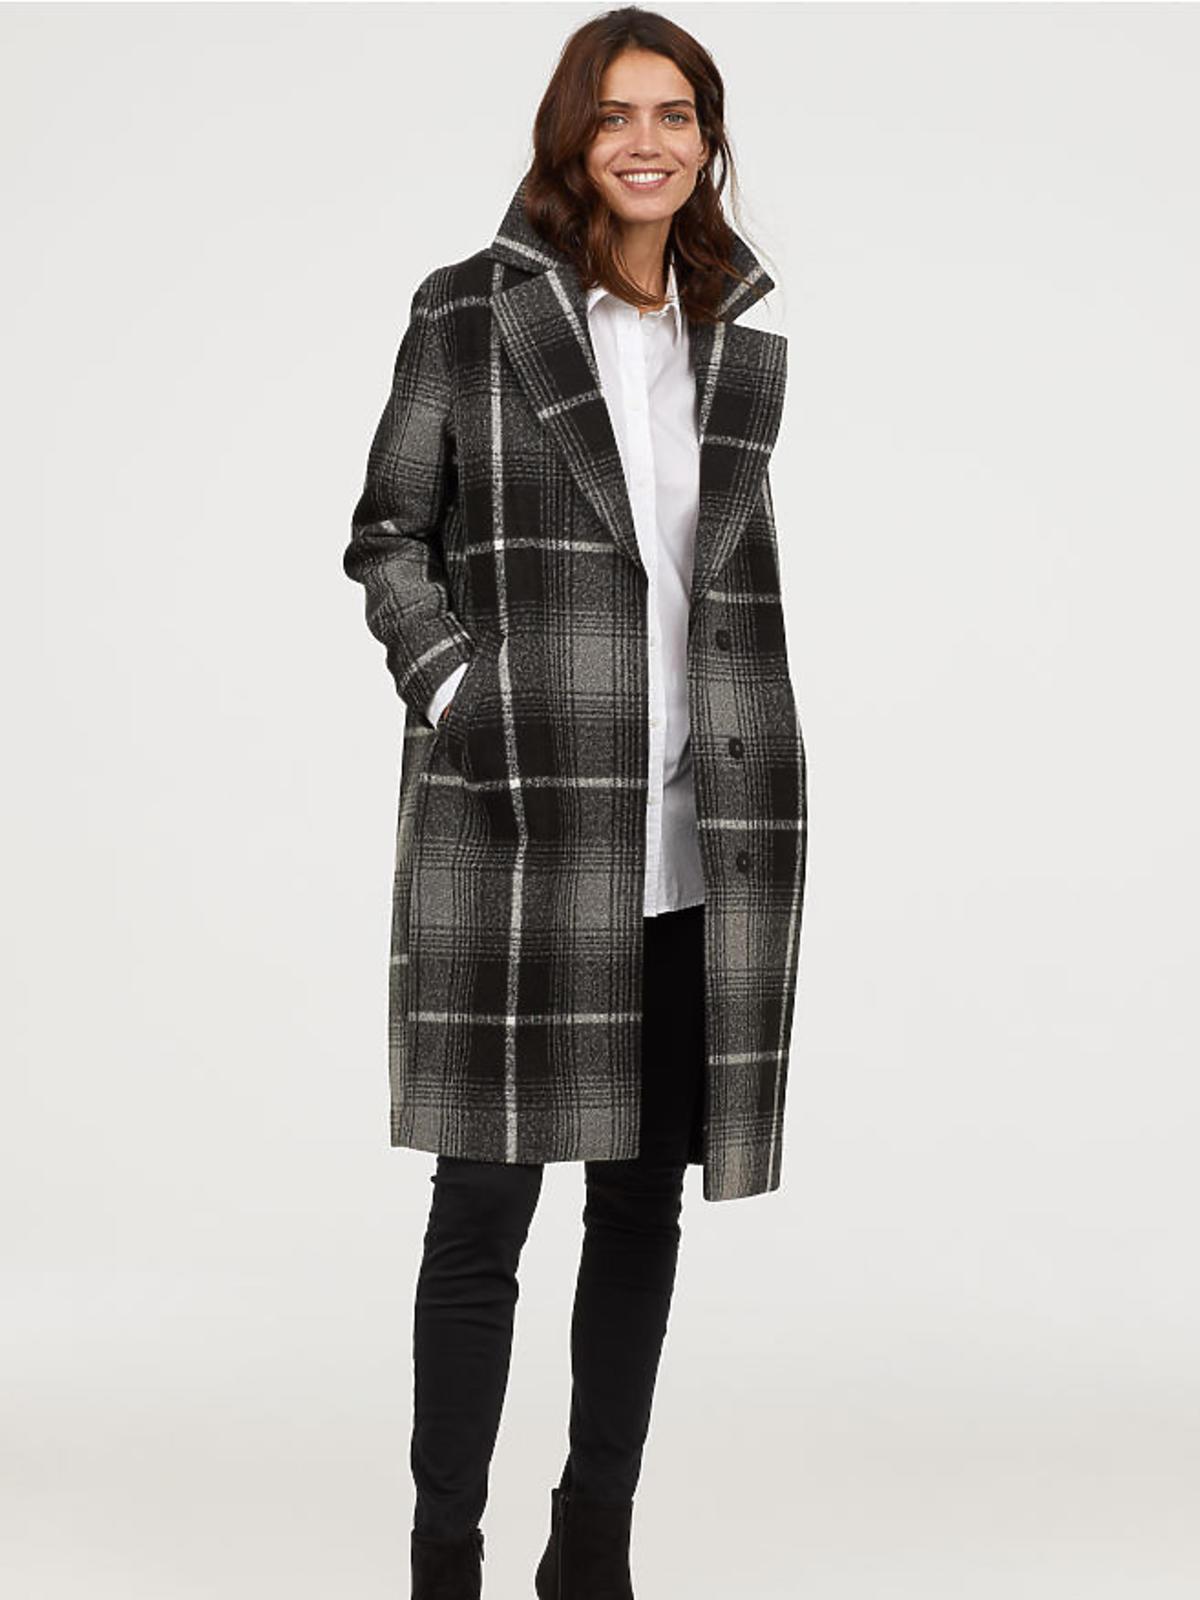 Płaszcz w kratkę H&M cena 299 zł